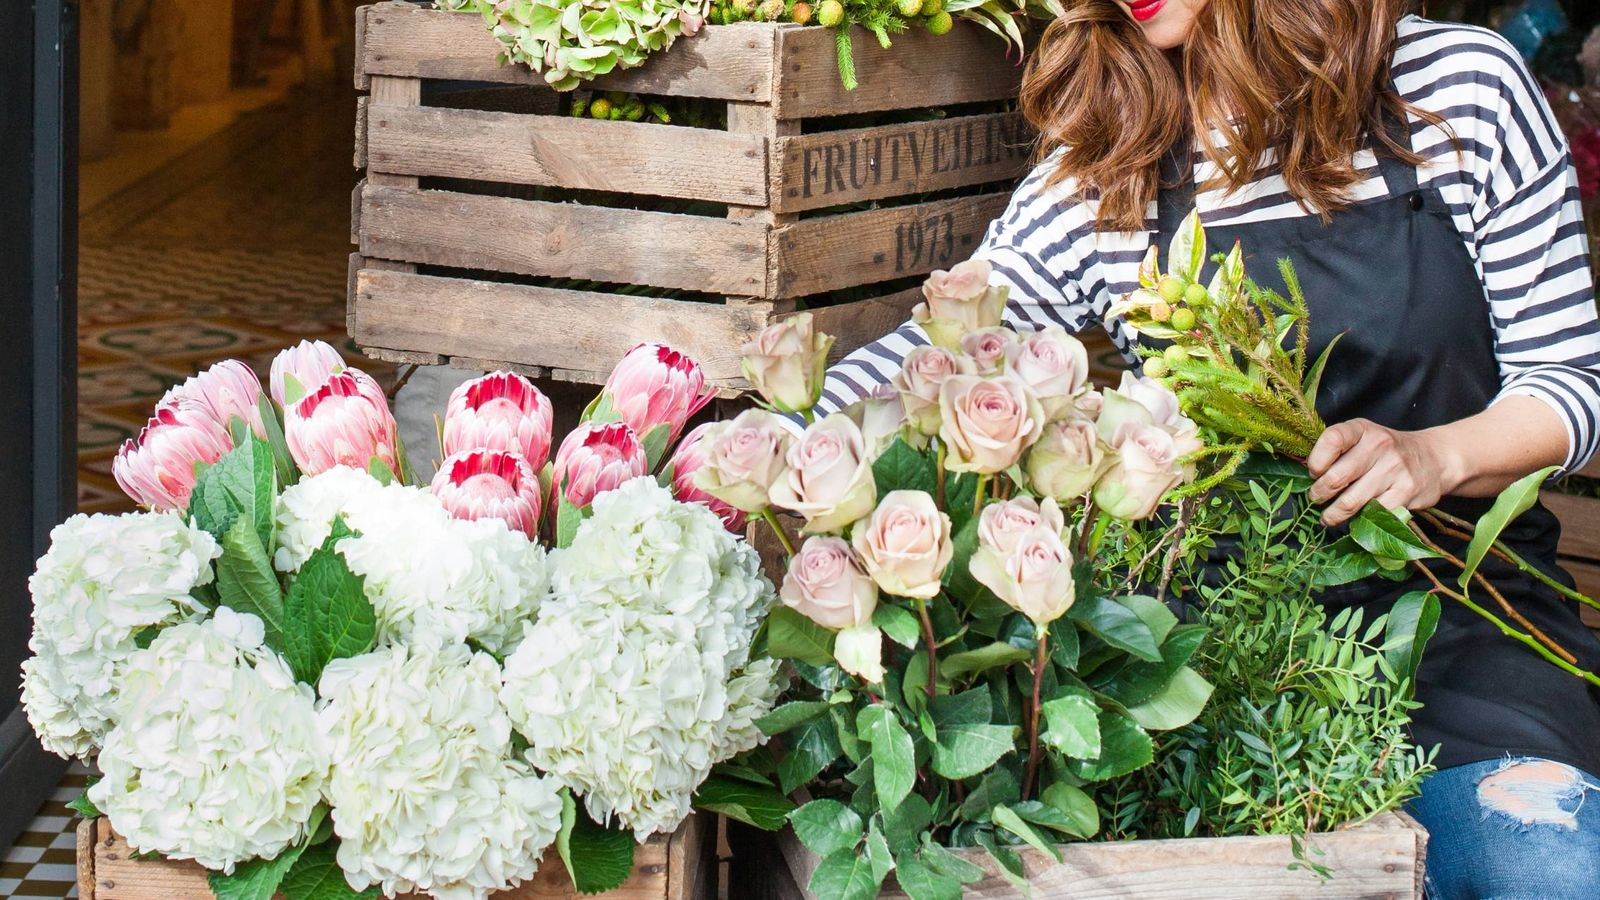 Foto: María Ruiz de Huidobro en Moss. (Foto: María Nieto Raventós)